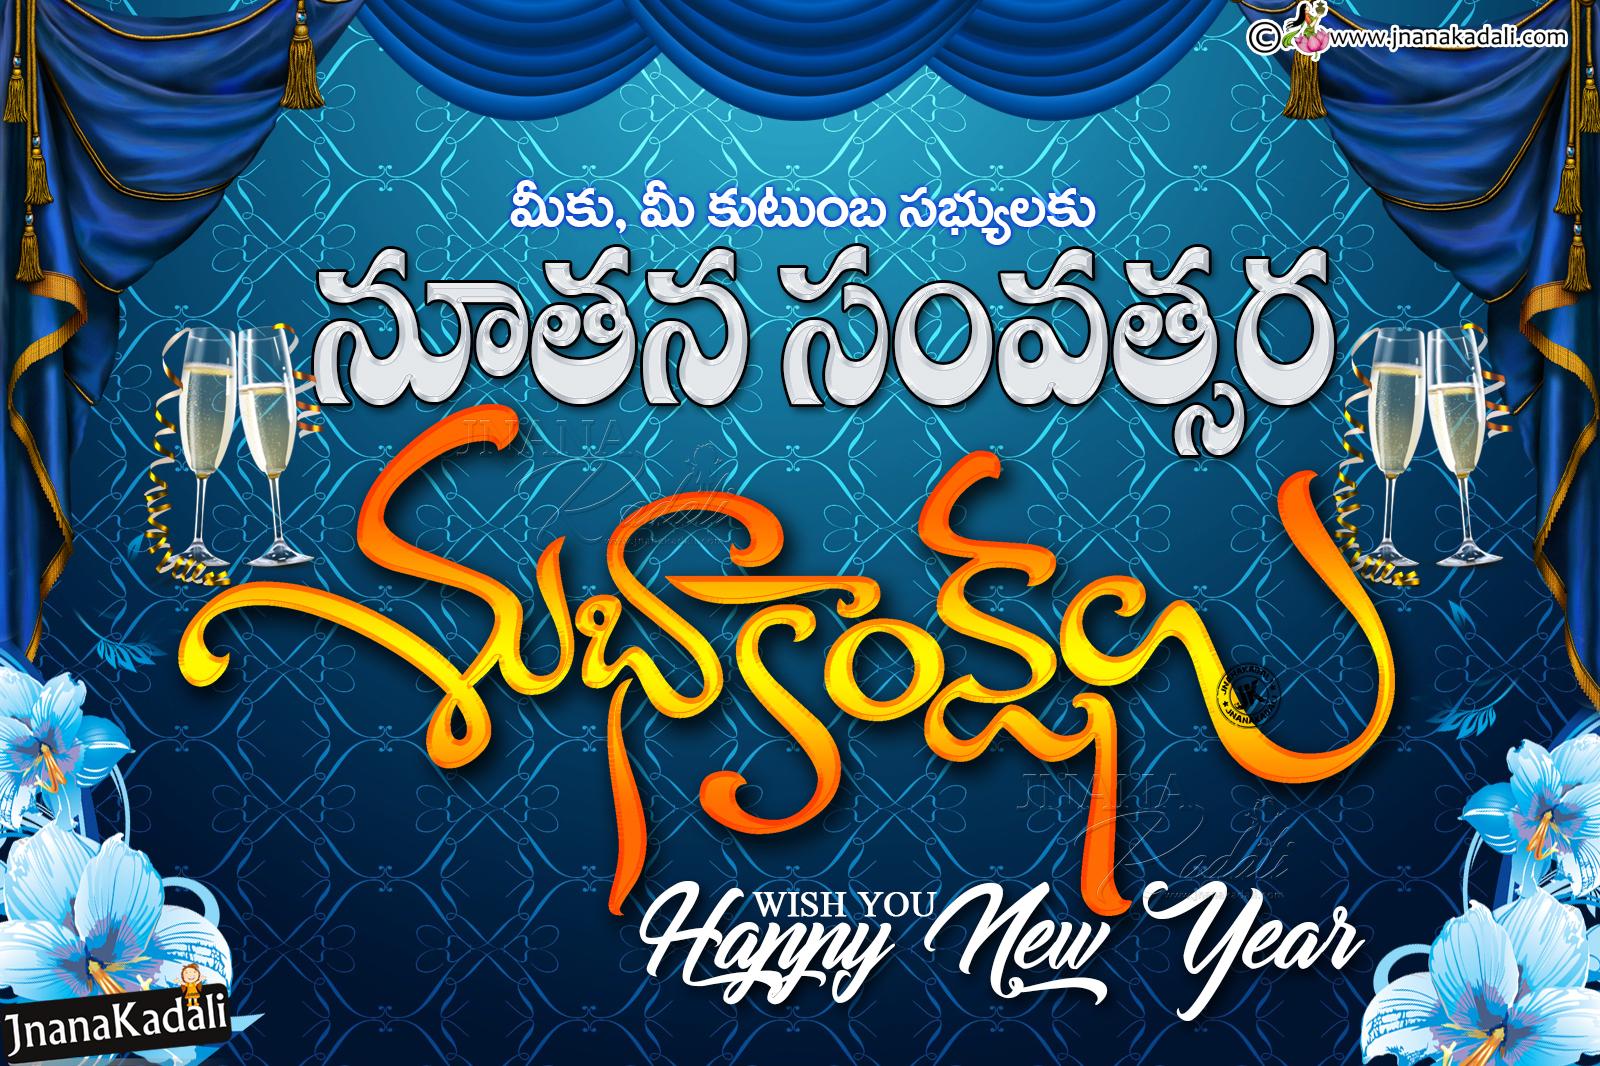 online telugu new year greetings new year telugu scraps best new year greetings designs